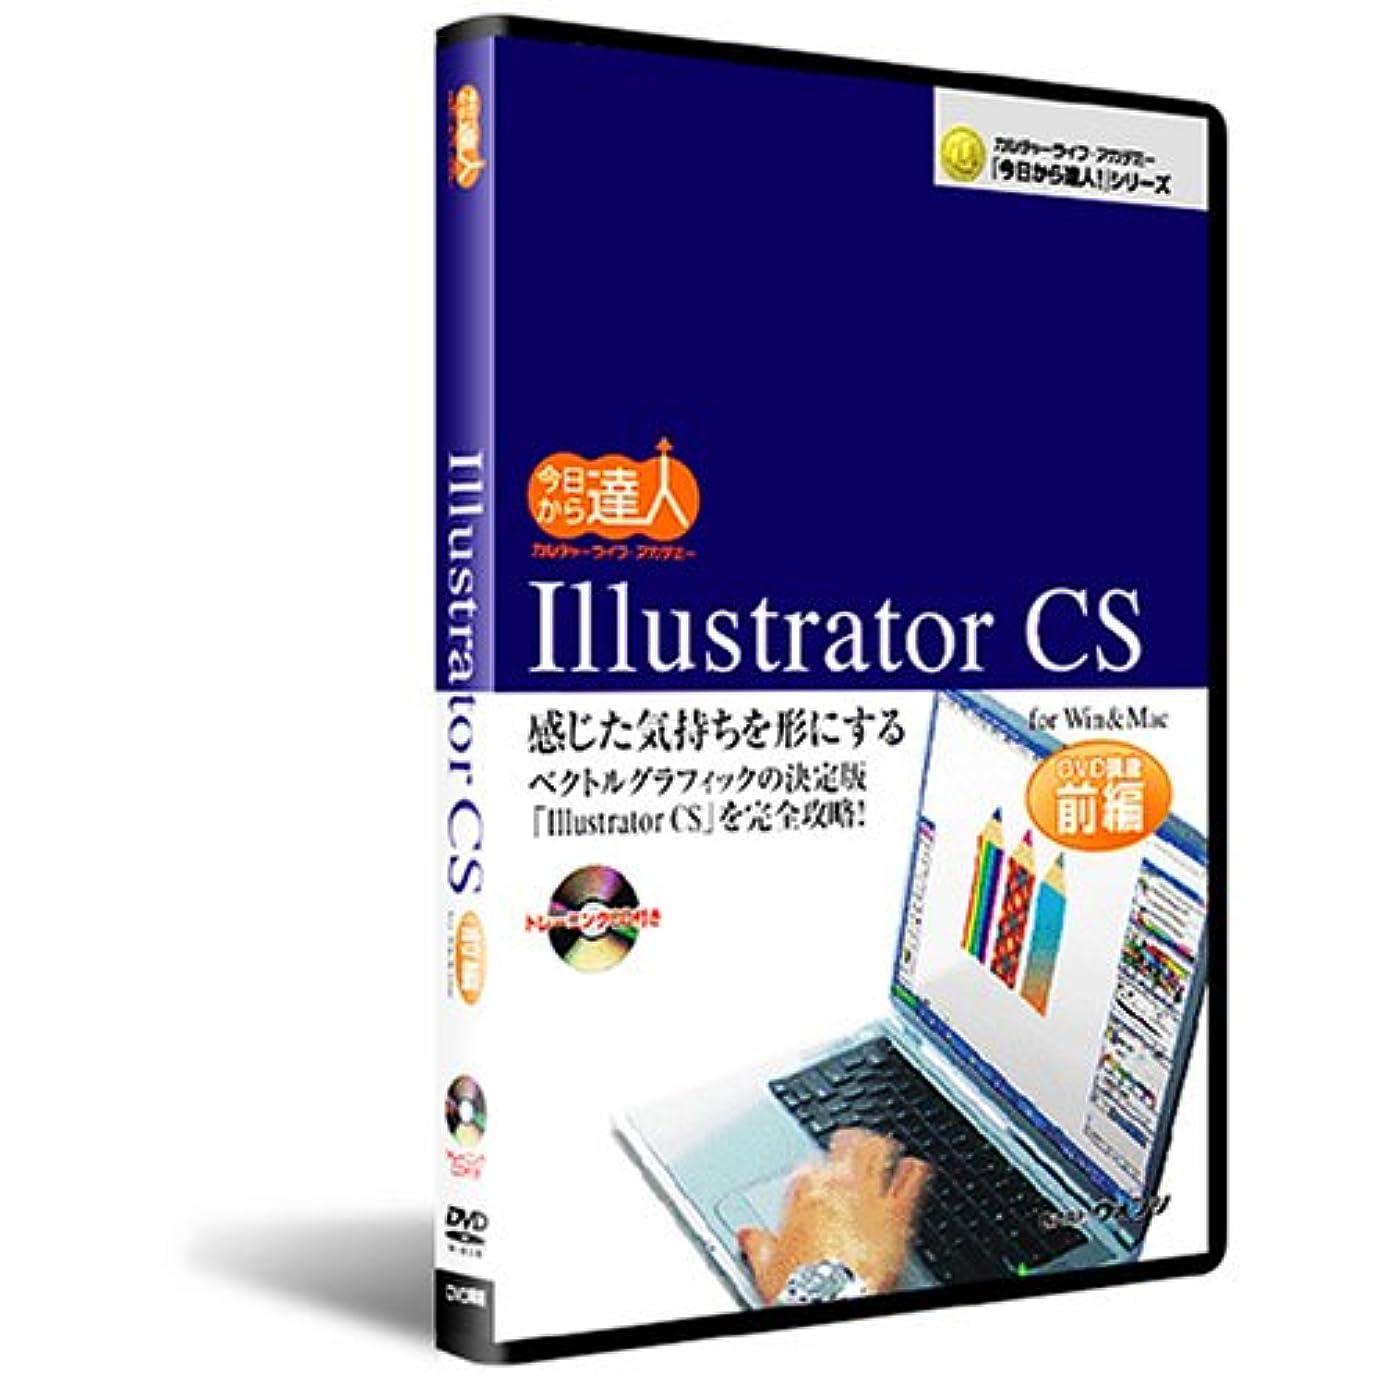 休憩する言及する嫉妬Illustrator CS:DVD講座 前編